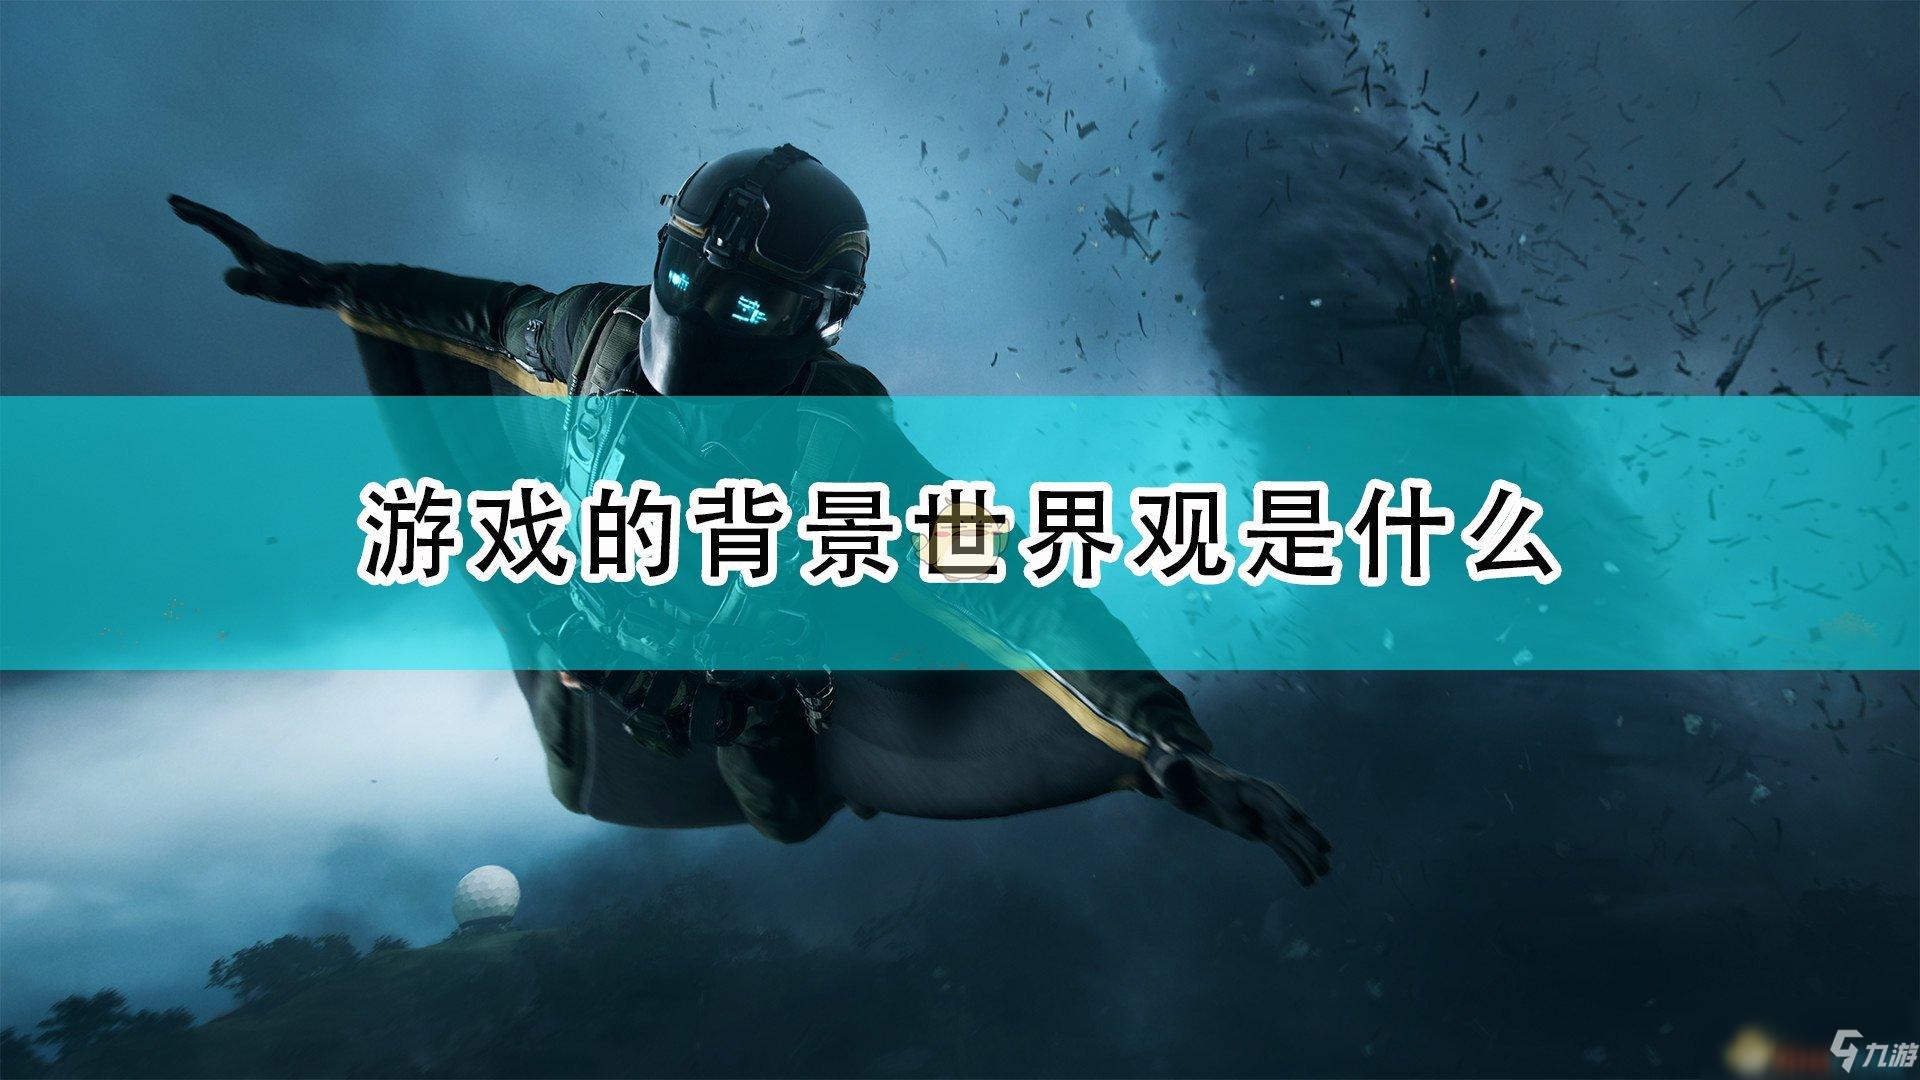 《战地2042》游戏背景世界观介绍